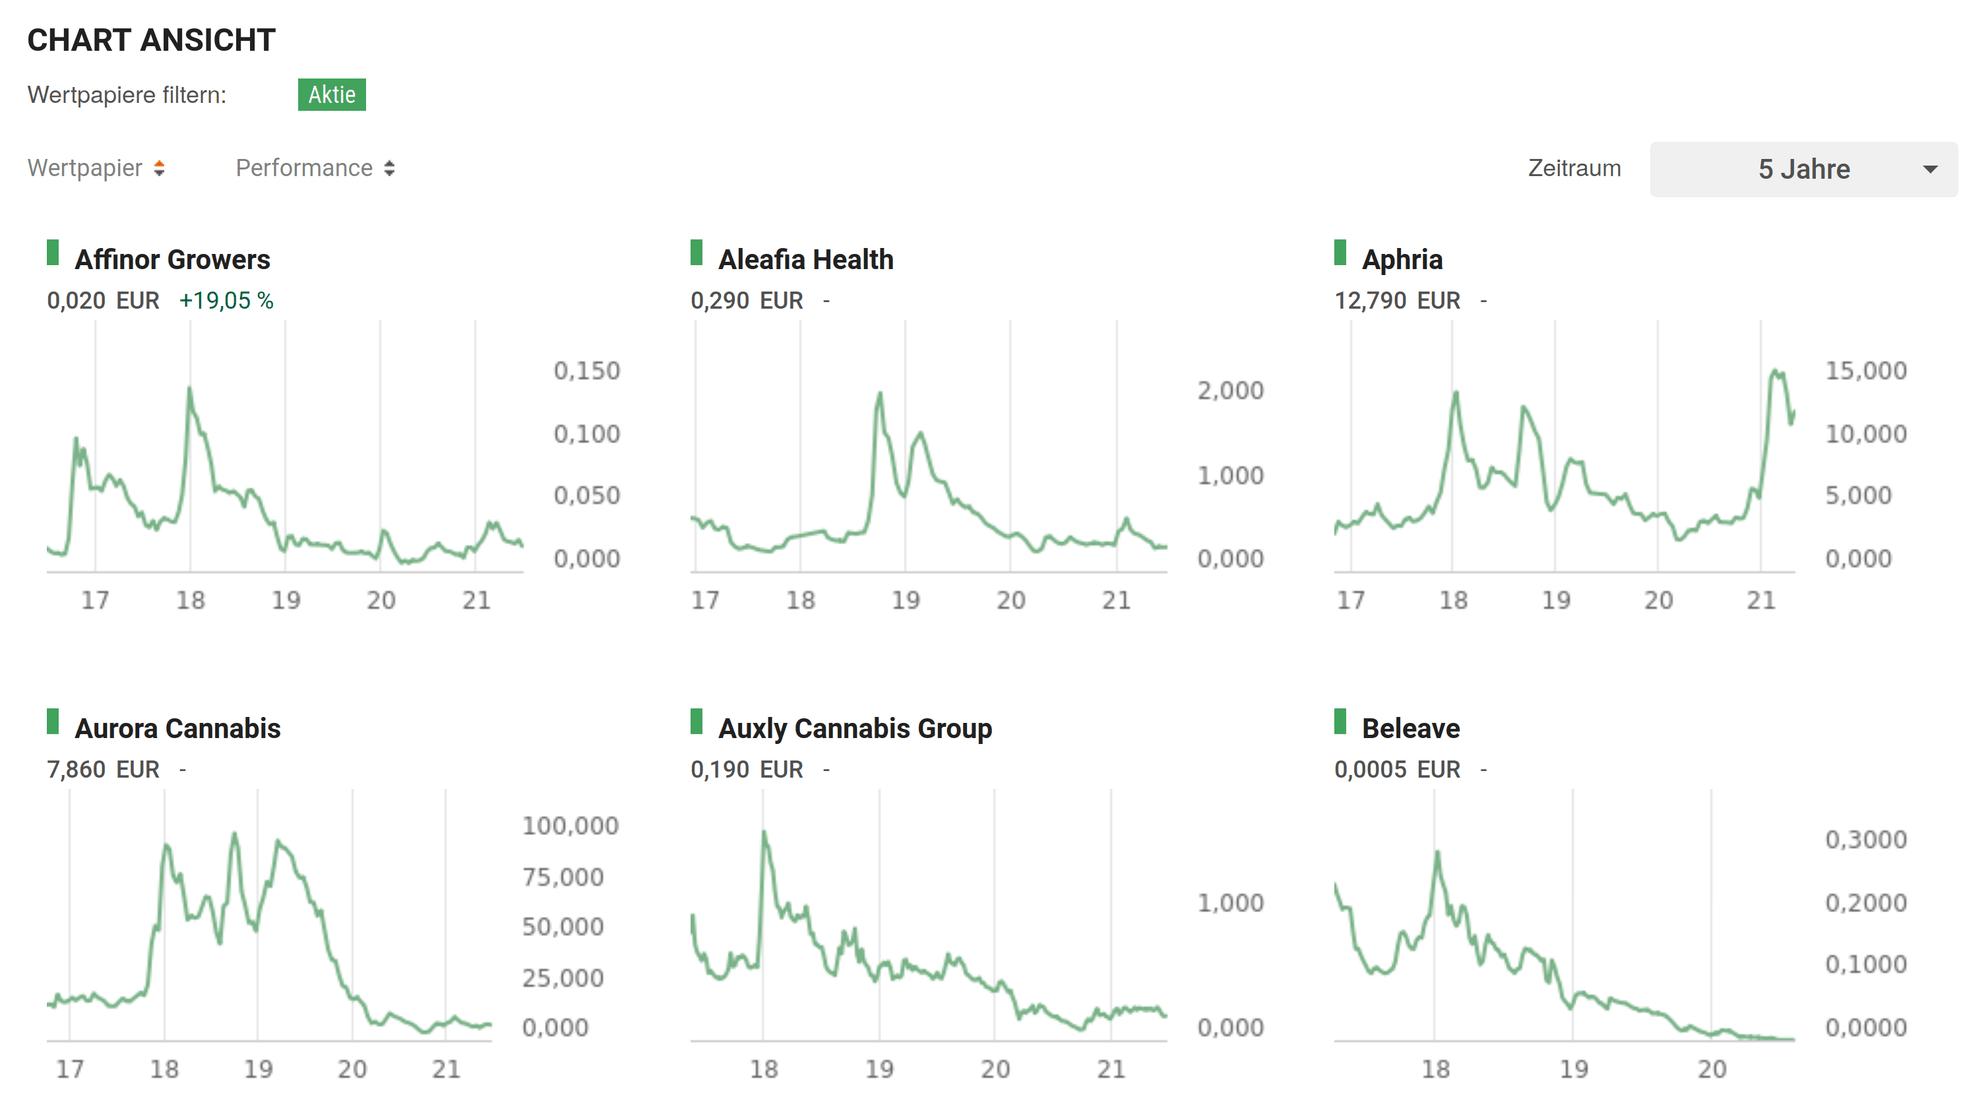 Aktienkurse der Cannabis-Unternehmen – das sichere Investment sieht anders aus, als diese Charts!